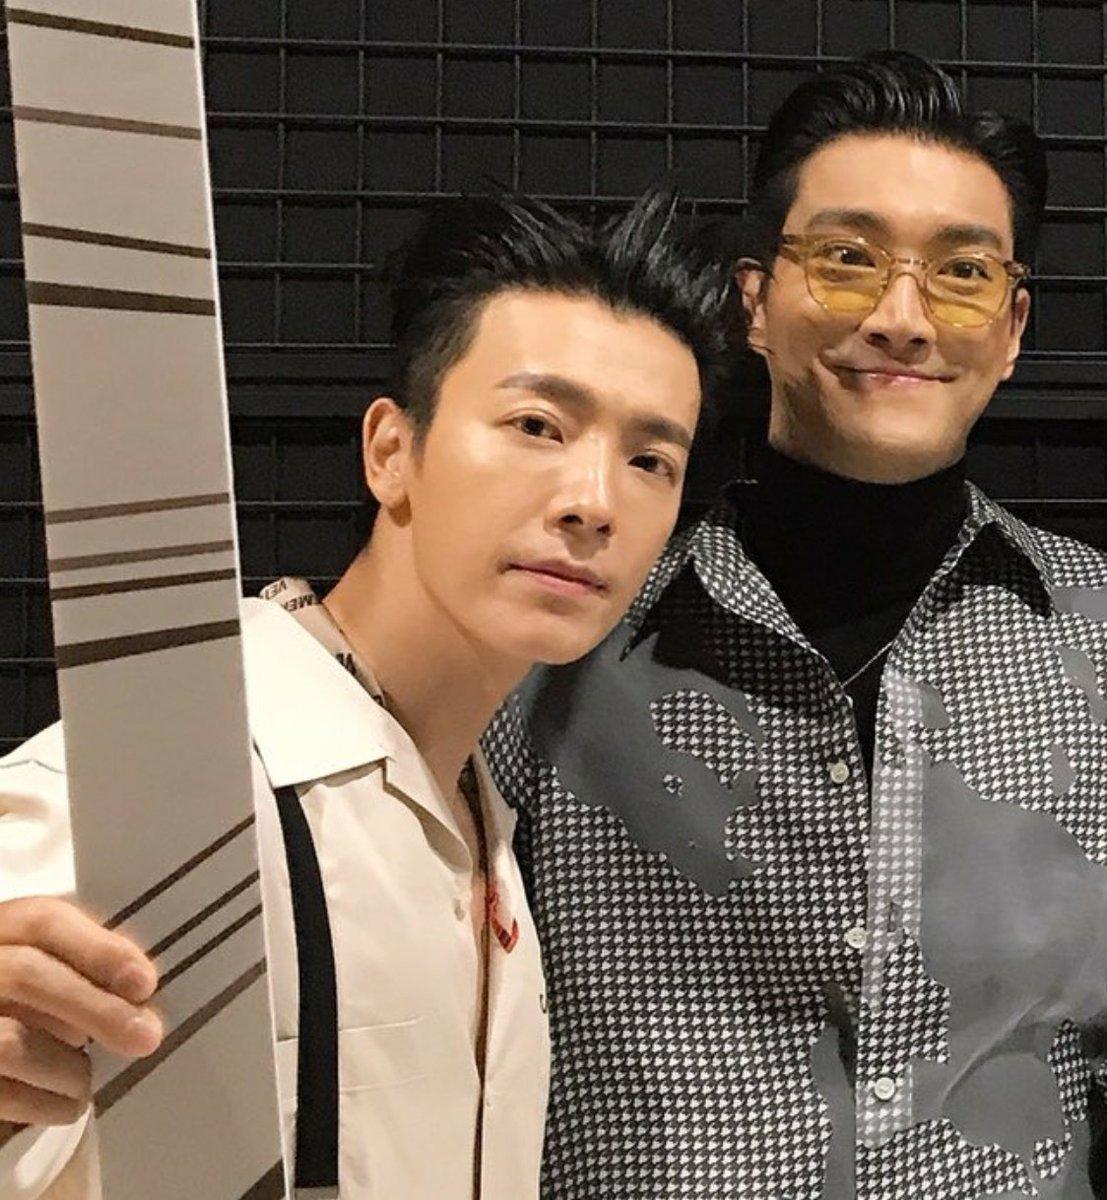 #本日のシヘ🐴🐯💜💙  シウォナの顔が可愛いシヘ。 まるでドンヘと兄さんに「キュッ」と、寄られて喜んでいるよう❤  対する🐧🐒🦒🌰も可愛い。  スジュを2つに分けて何かさせるのって絶対面白くなる予感しかないよね。 代表例、すごろくゲーム  #Siwon #Donghae #sihae https://t.co/6kvmkotLQc